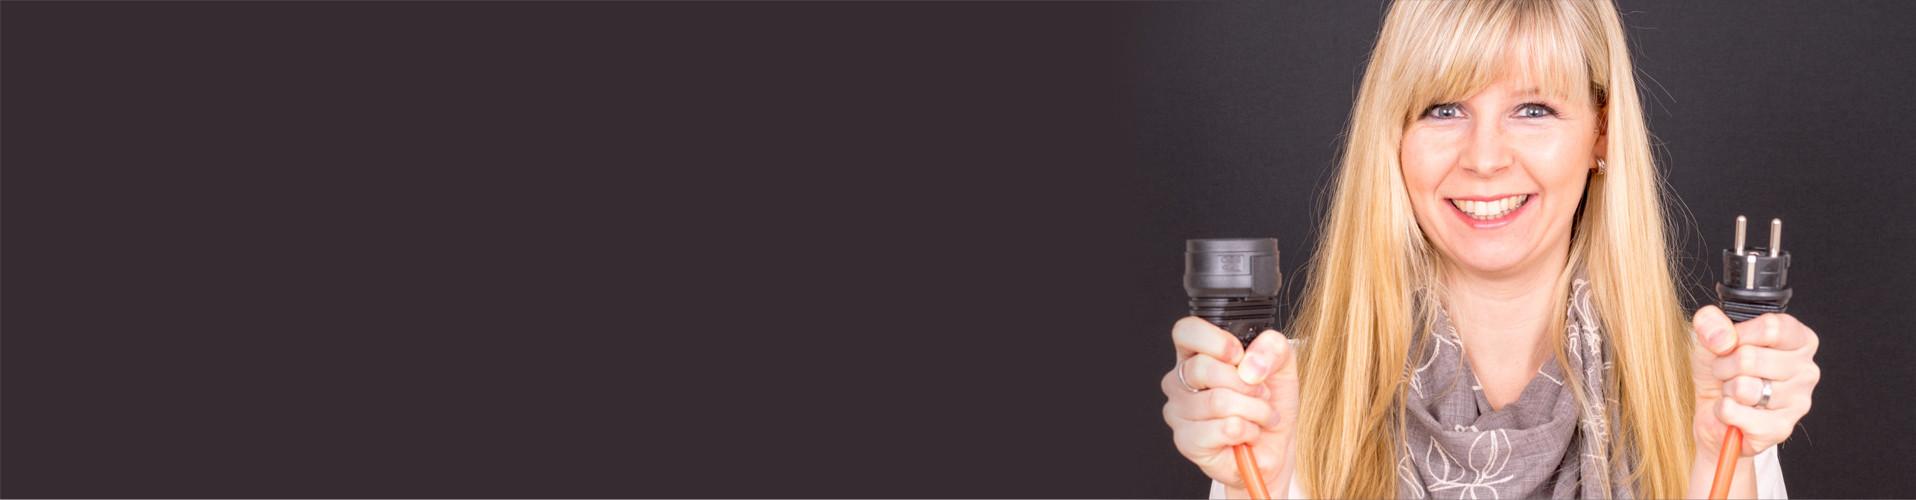 Frau steht vor dunklem Hintergrund und hält lächelnd zwei Enden eines Stromkabels in den Händen © usk75, stock.adobe.com